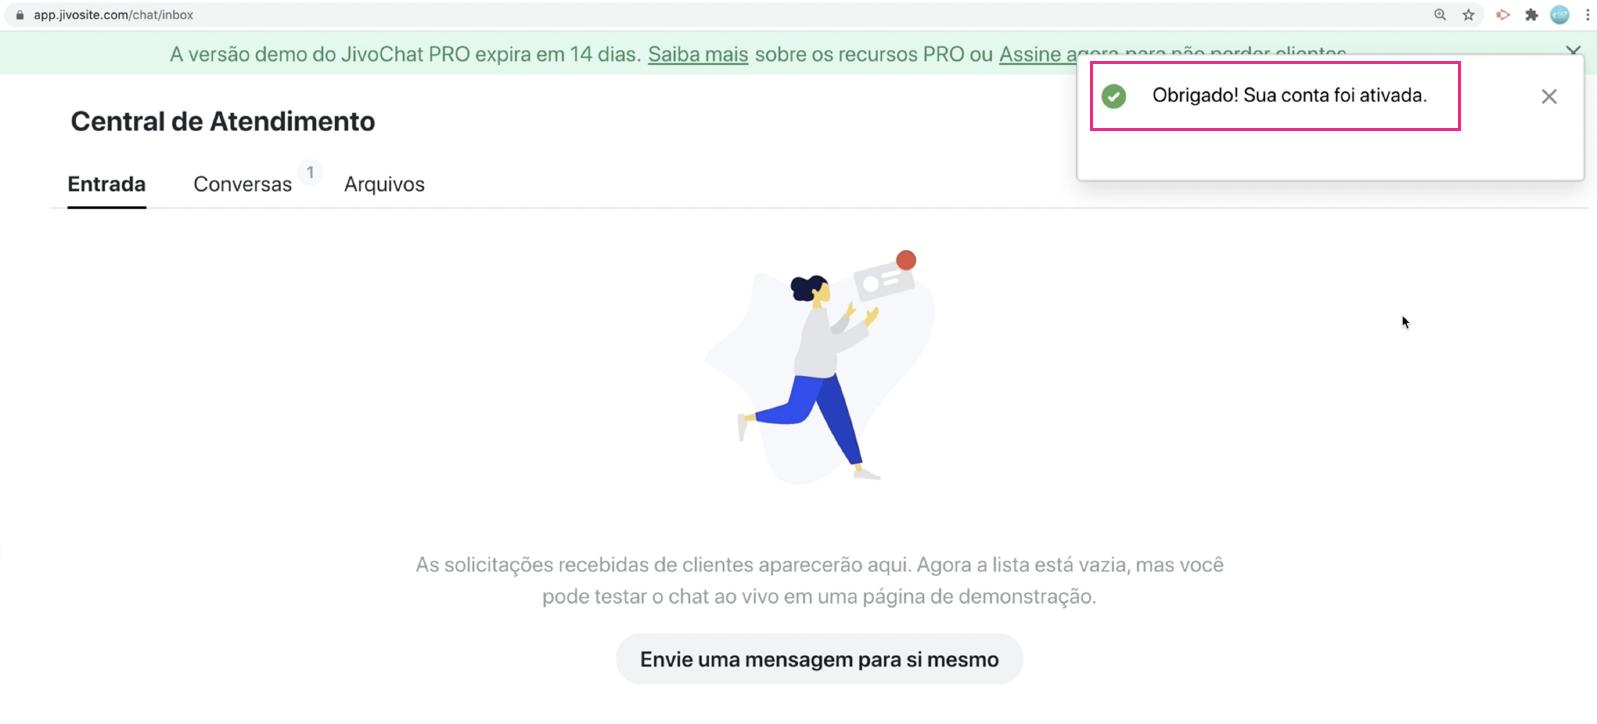 imagem10 como instalar o jivochat grátis na sua loja integrada